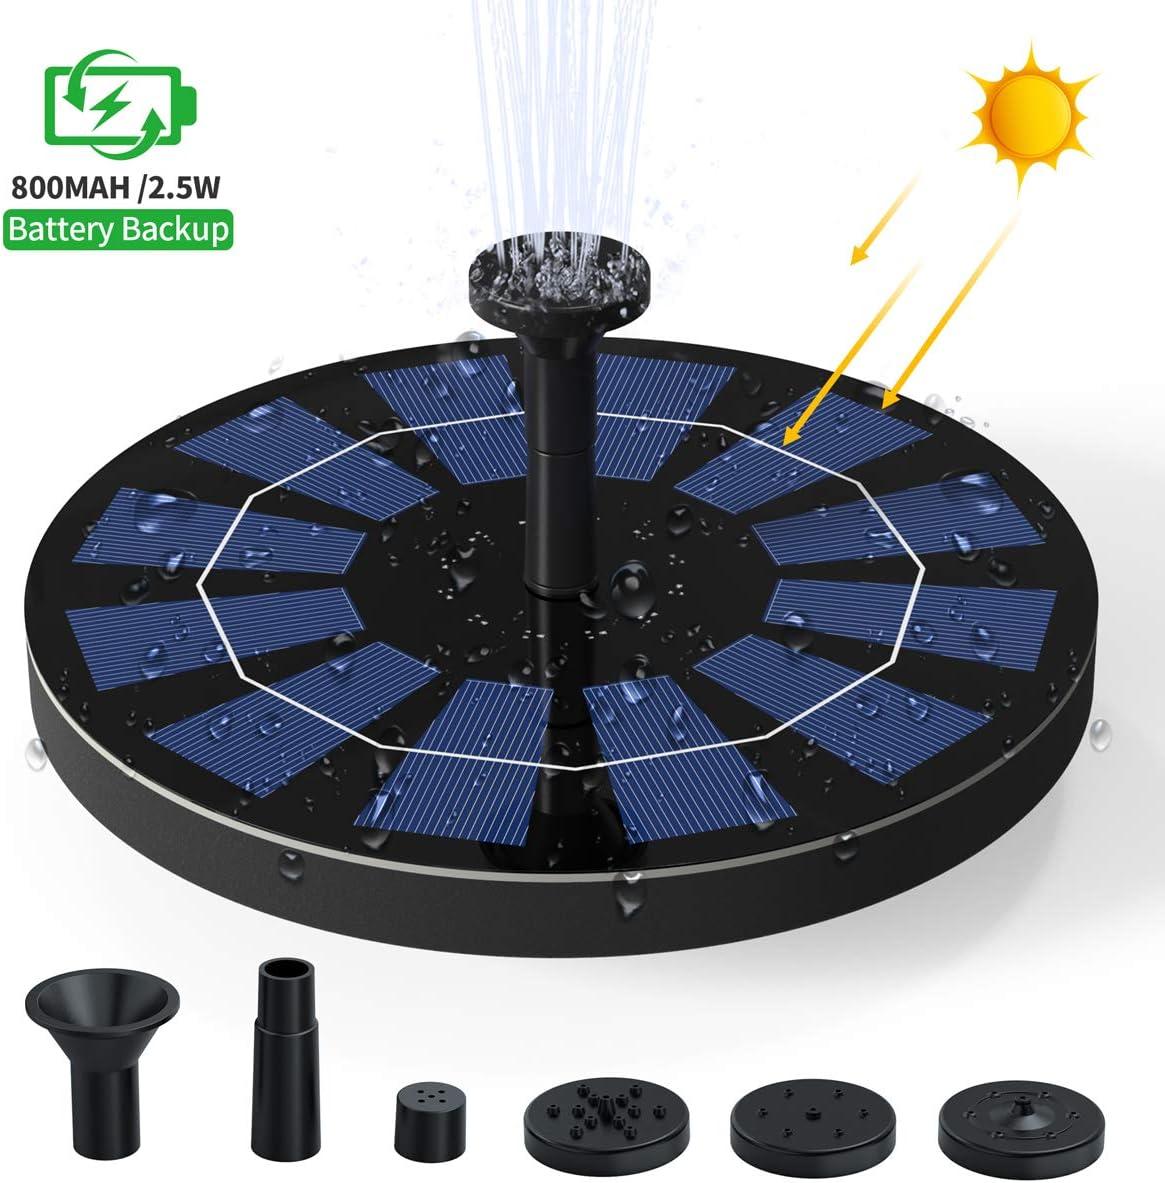 Ankway Bomba de fuente de energía solar Bomba solar para baño de aves de 2.5W Bomba flotante para fuente de agua nuevo modelo Sumergible con respaldo de batería para fuente, piscina, jardín, estanque